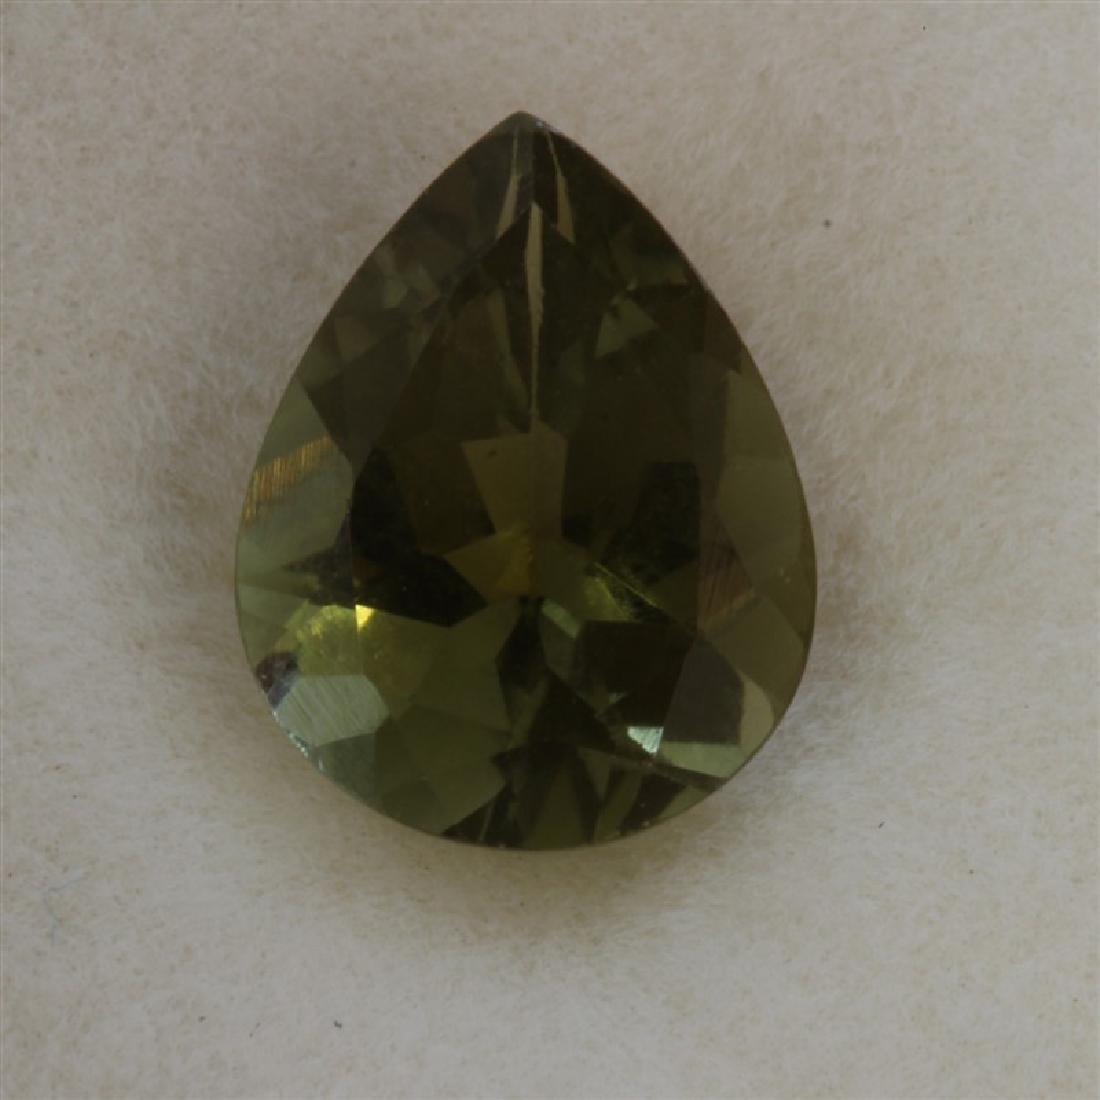 1.59ct Pear Shape Green Tourmaline